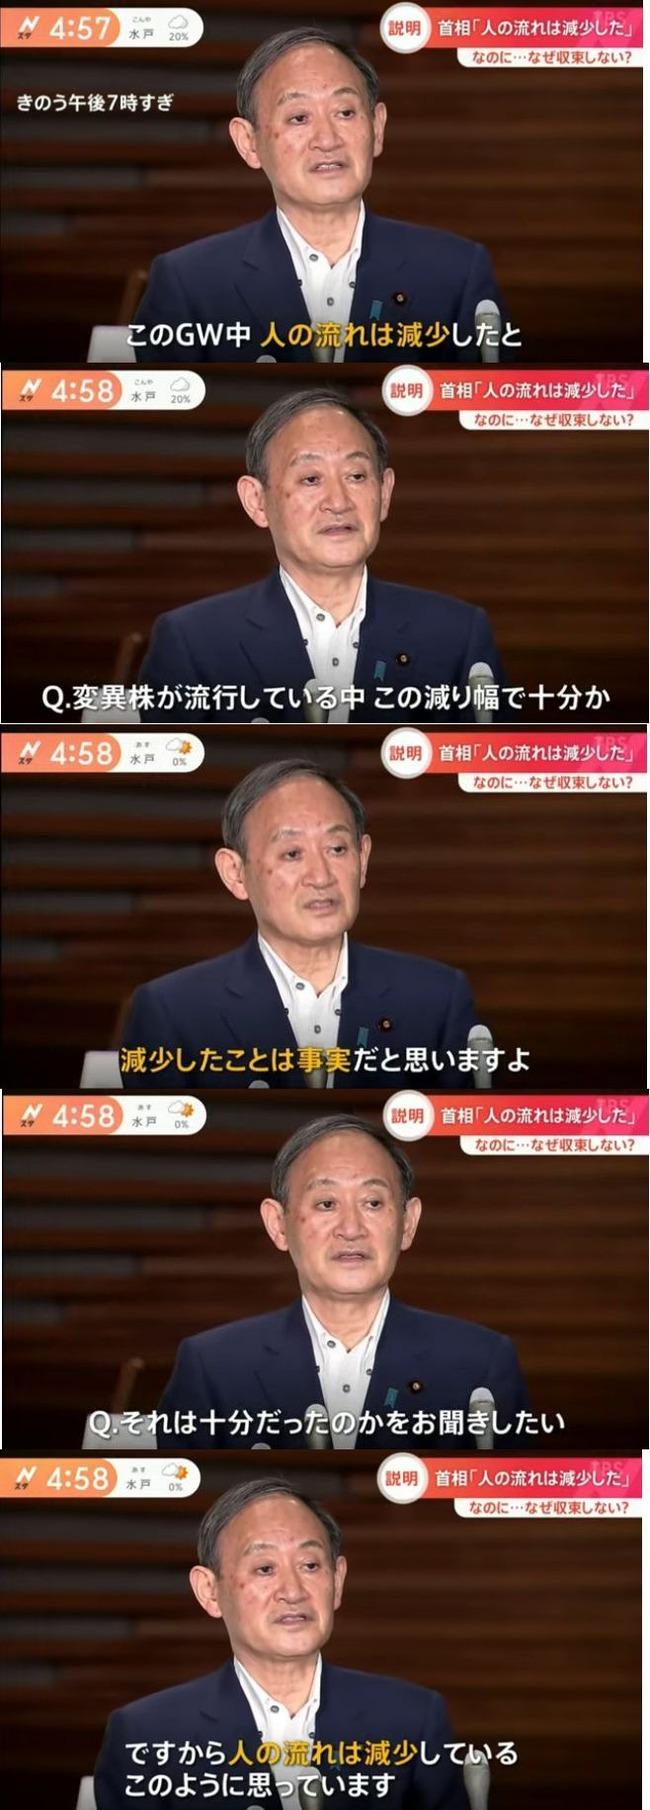 【悲報】菅首相、小泉進次郎化してしまう・・・・・・・・・・・・